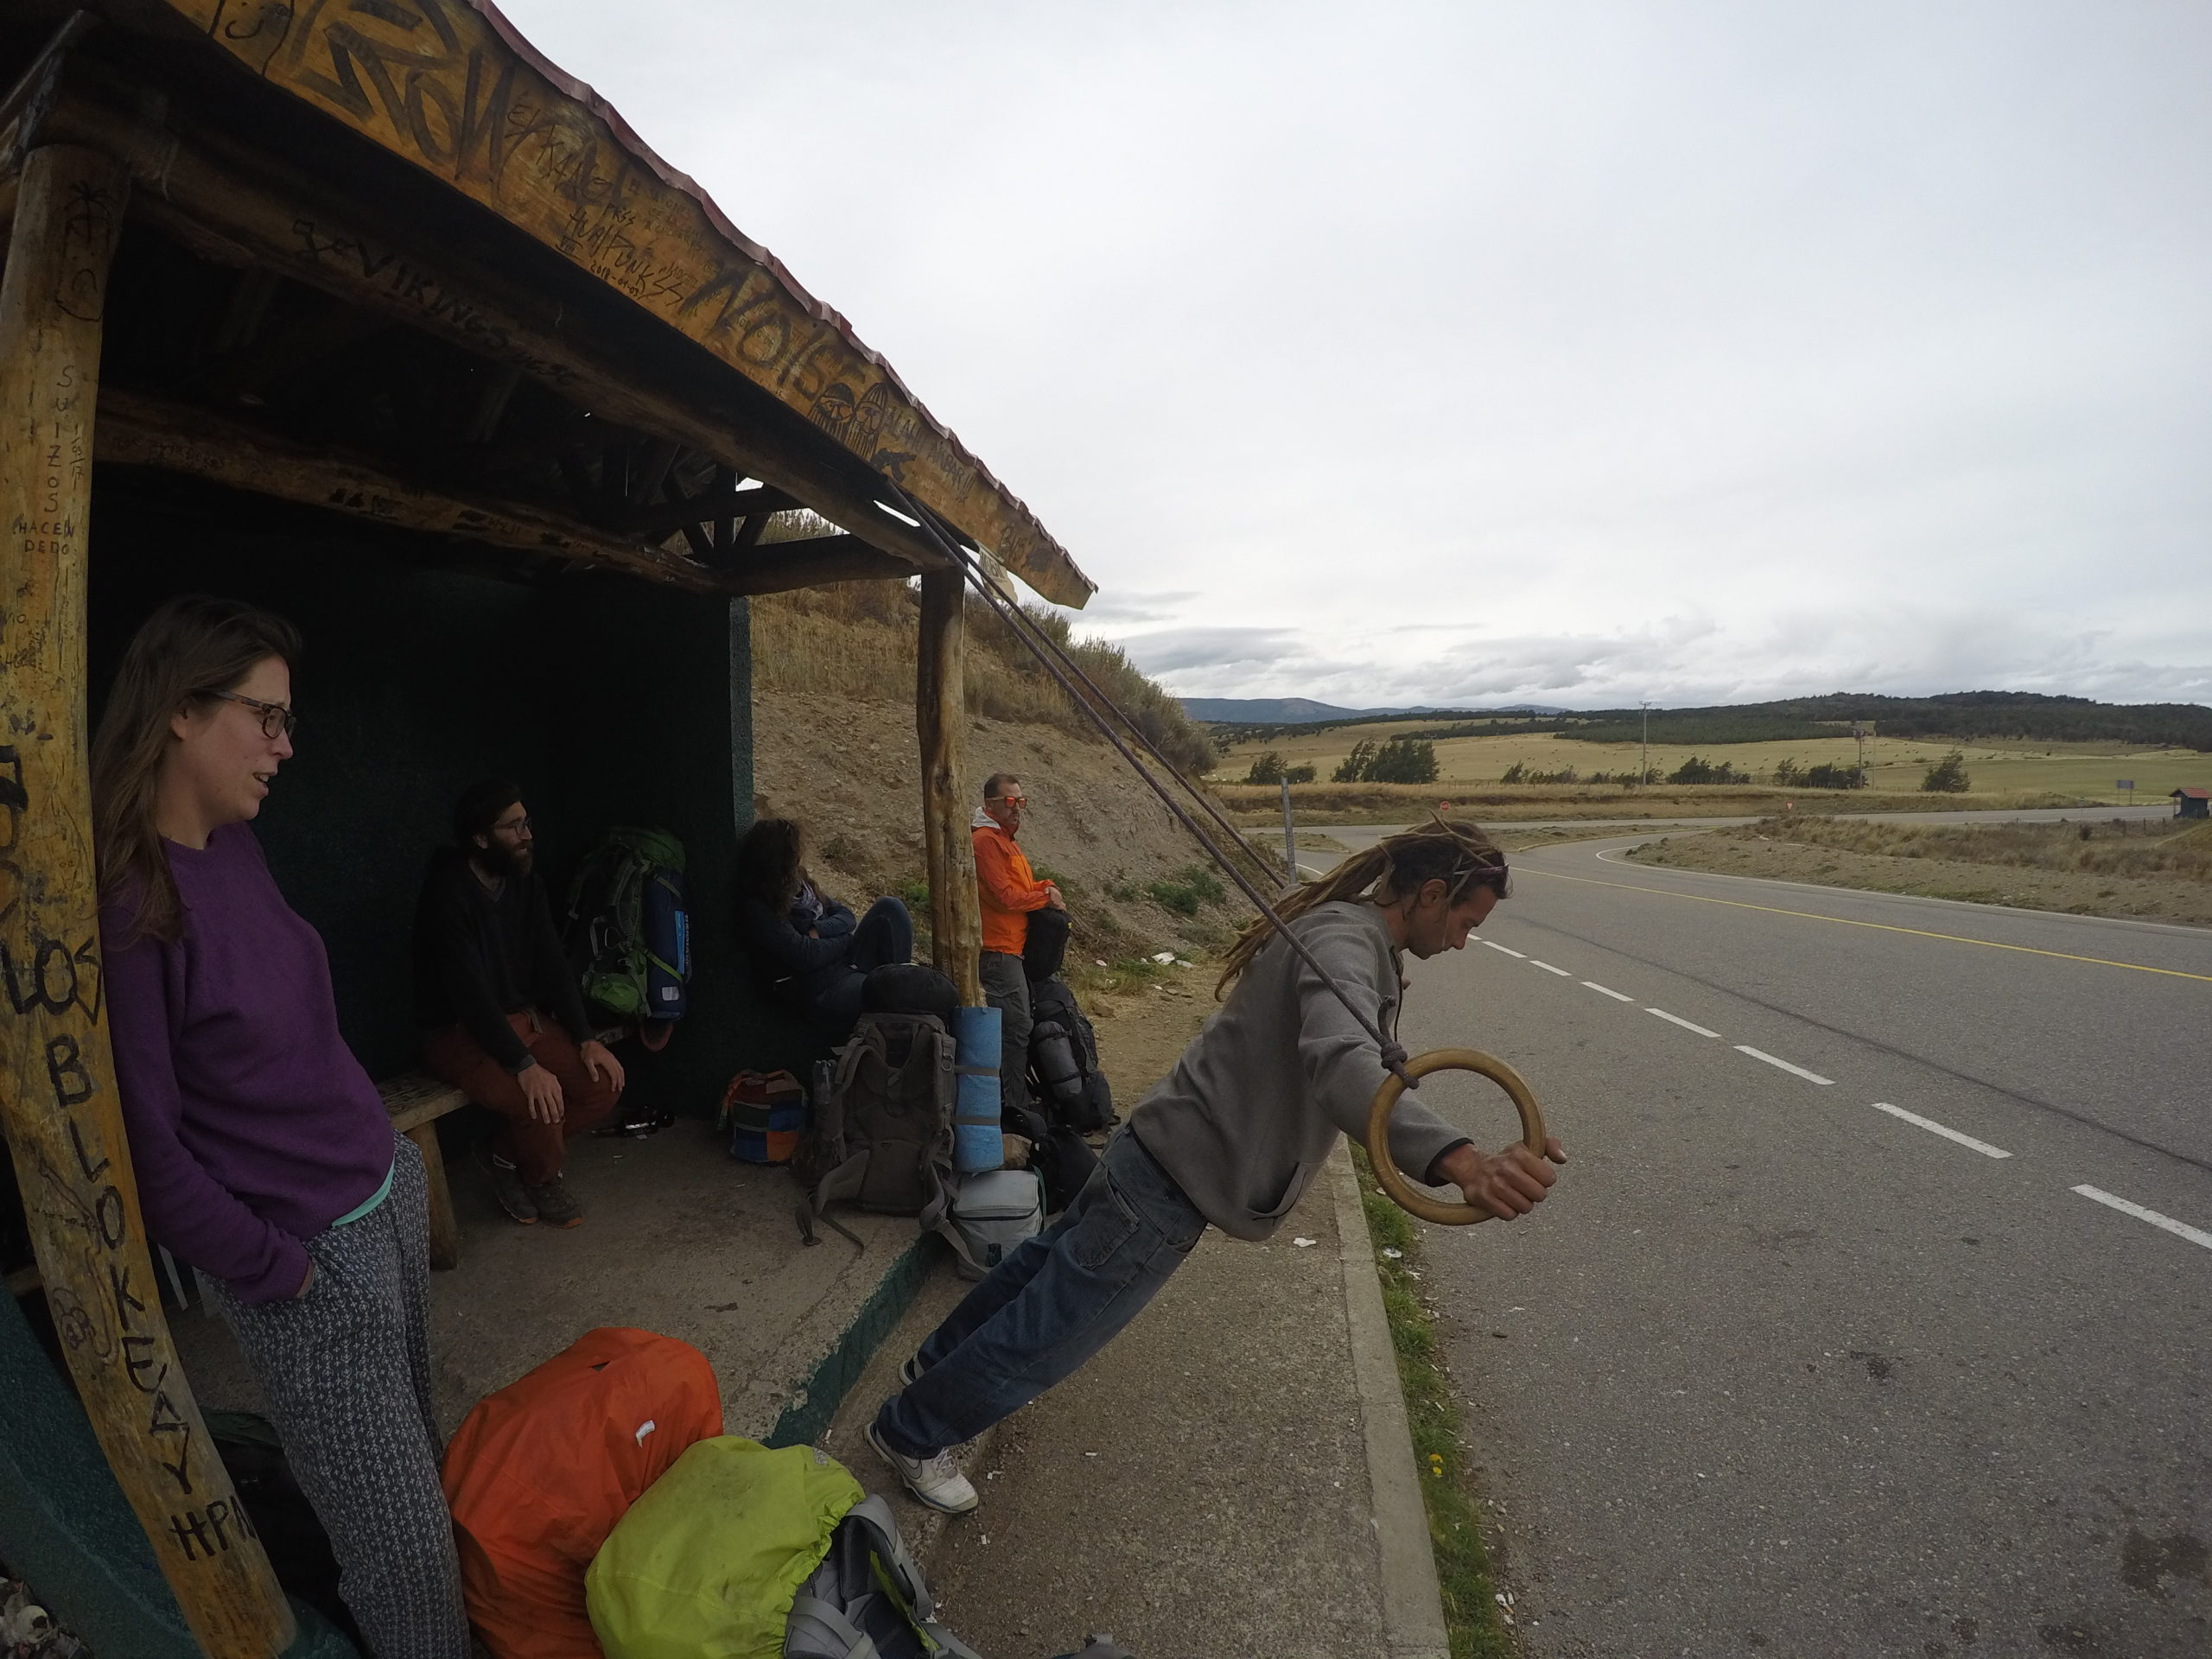 チリ パタゴニア 世界一周 旅 夫婦 ヒッチハイク コジャイケ